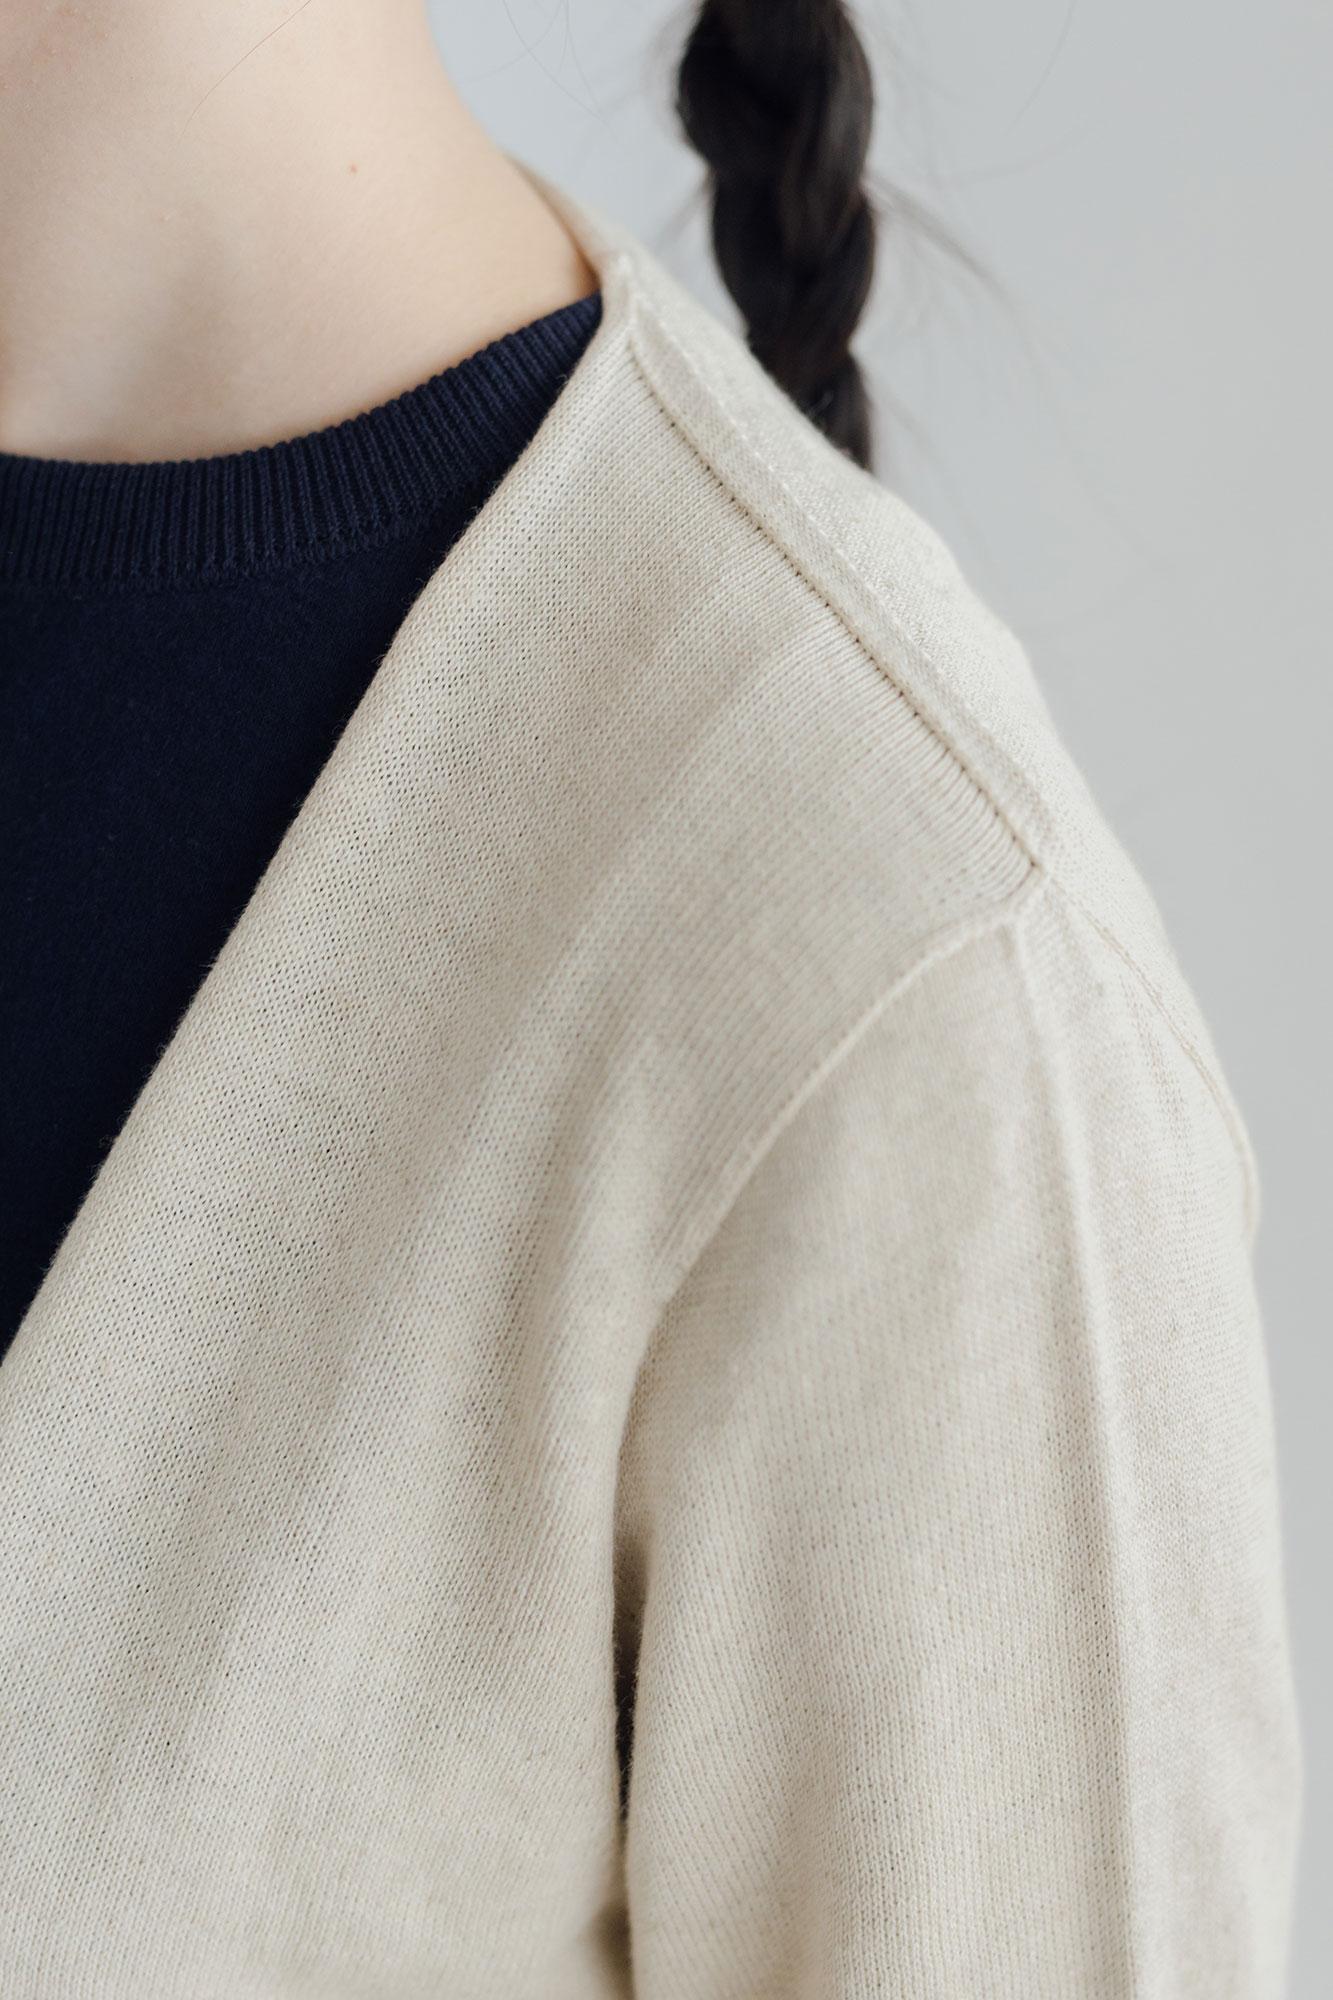 F/style ホールガーメントの綿麻ニット カーディガン・長袖 / ユニセックス